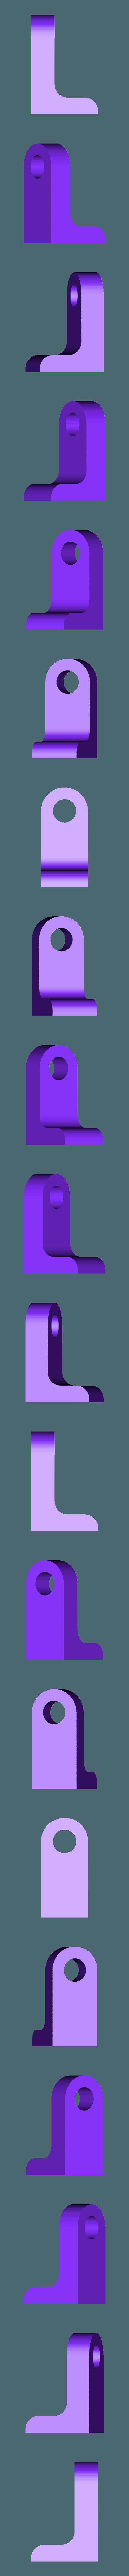 Bracket.STL Télécharger fichier STL gratuit Nettoyant pour panne à souder • Modèle à imprimer en 3D, perinski